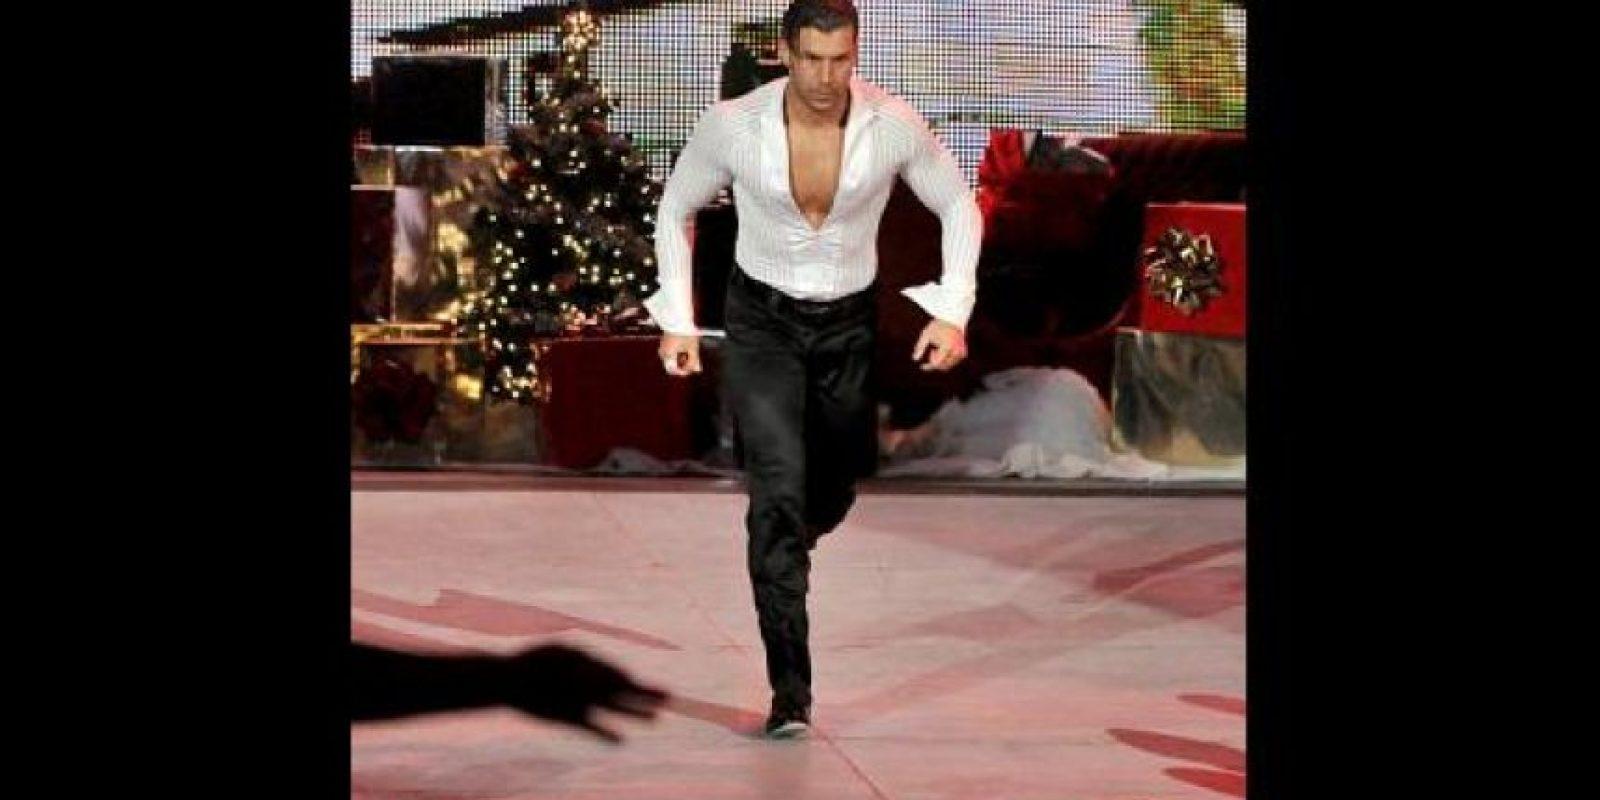 El luchador bailarín también entrará al ring en busca de una oportunidad titular en Wrestlemania Foto:WWE